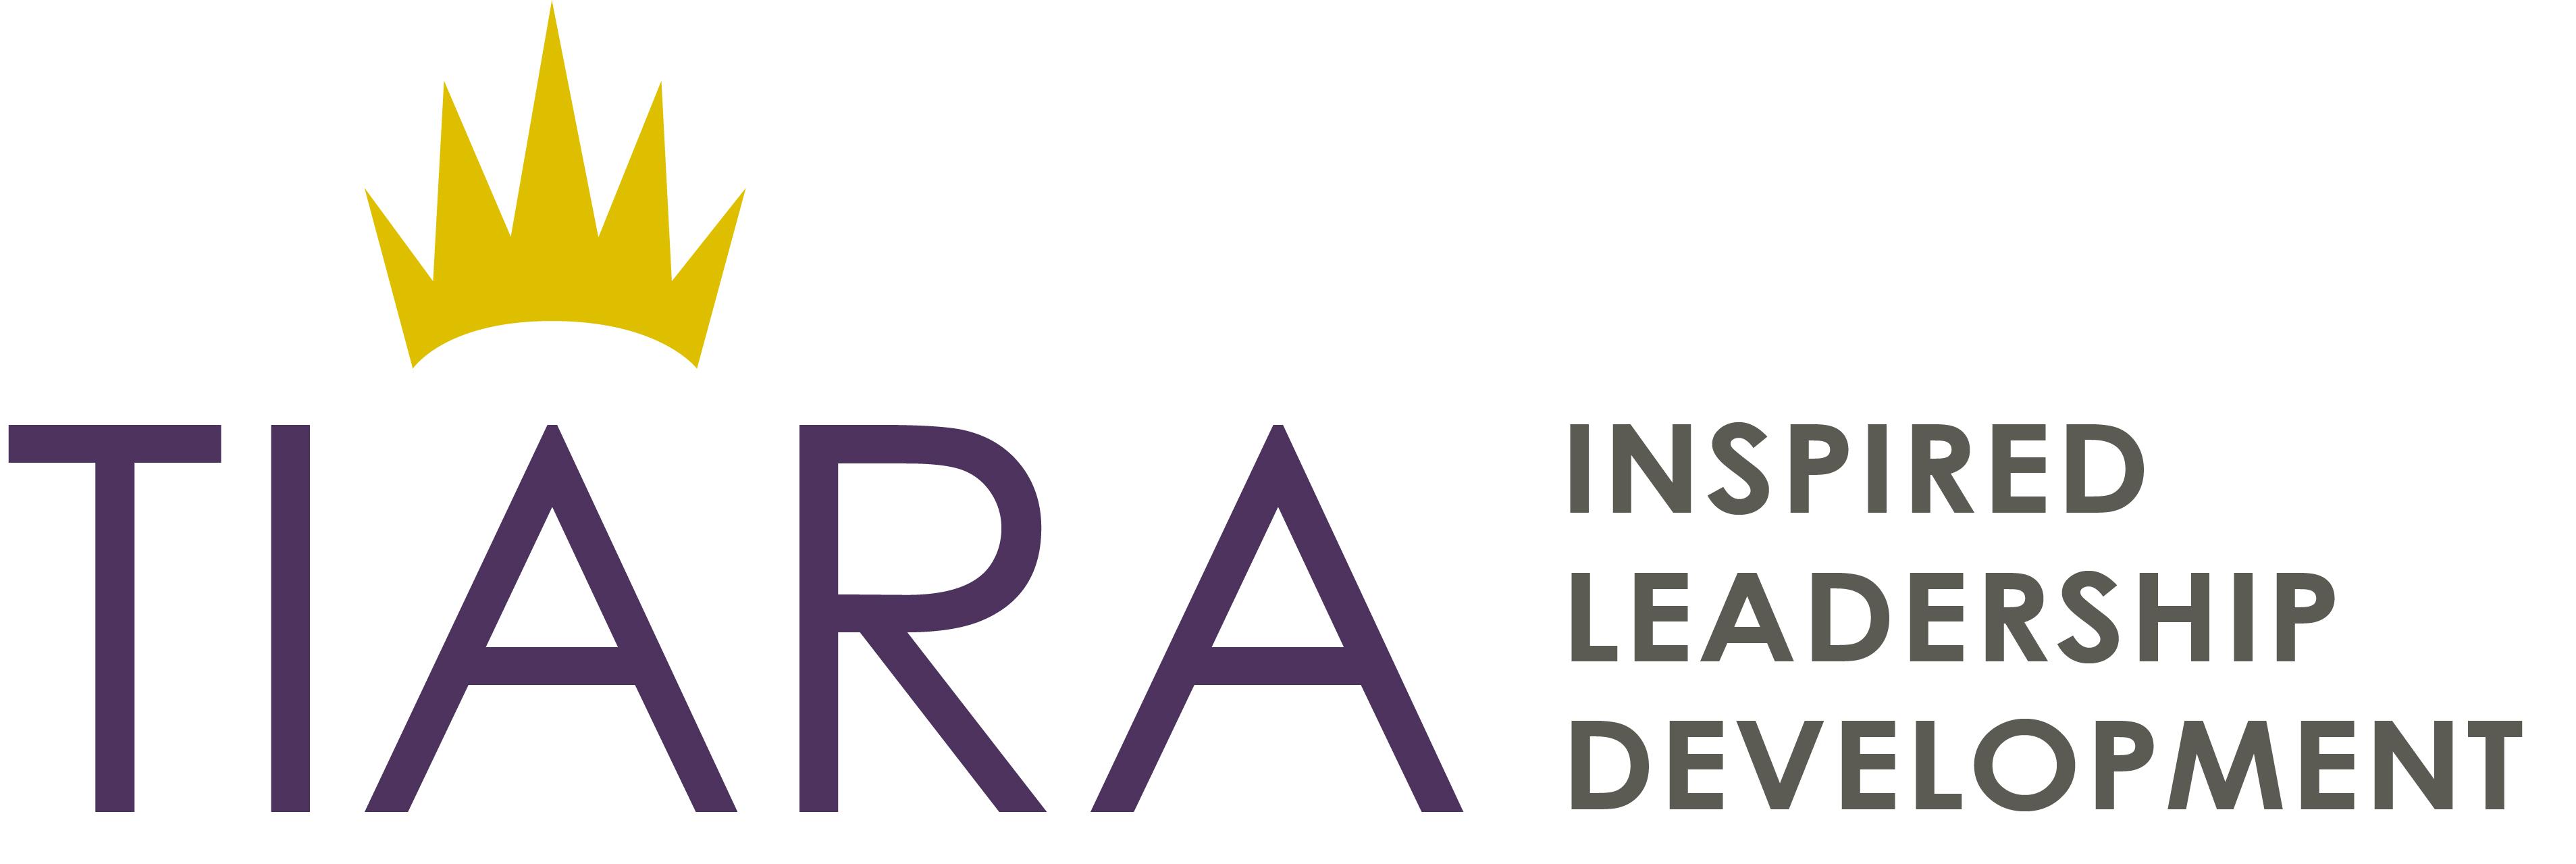 Tiara International